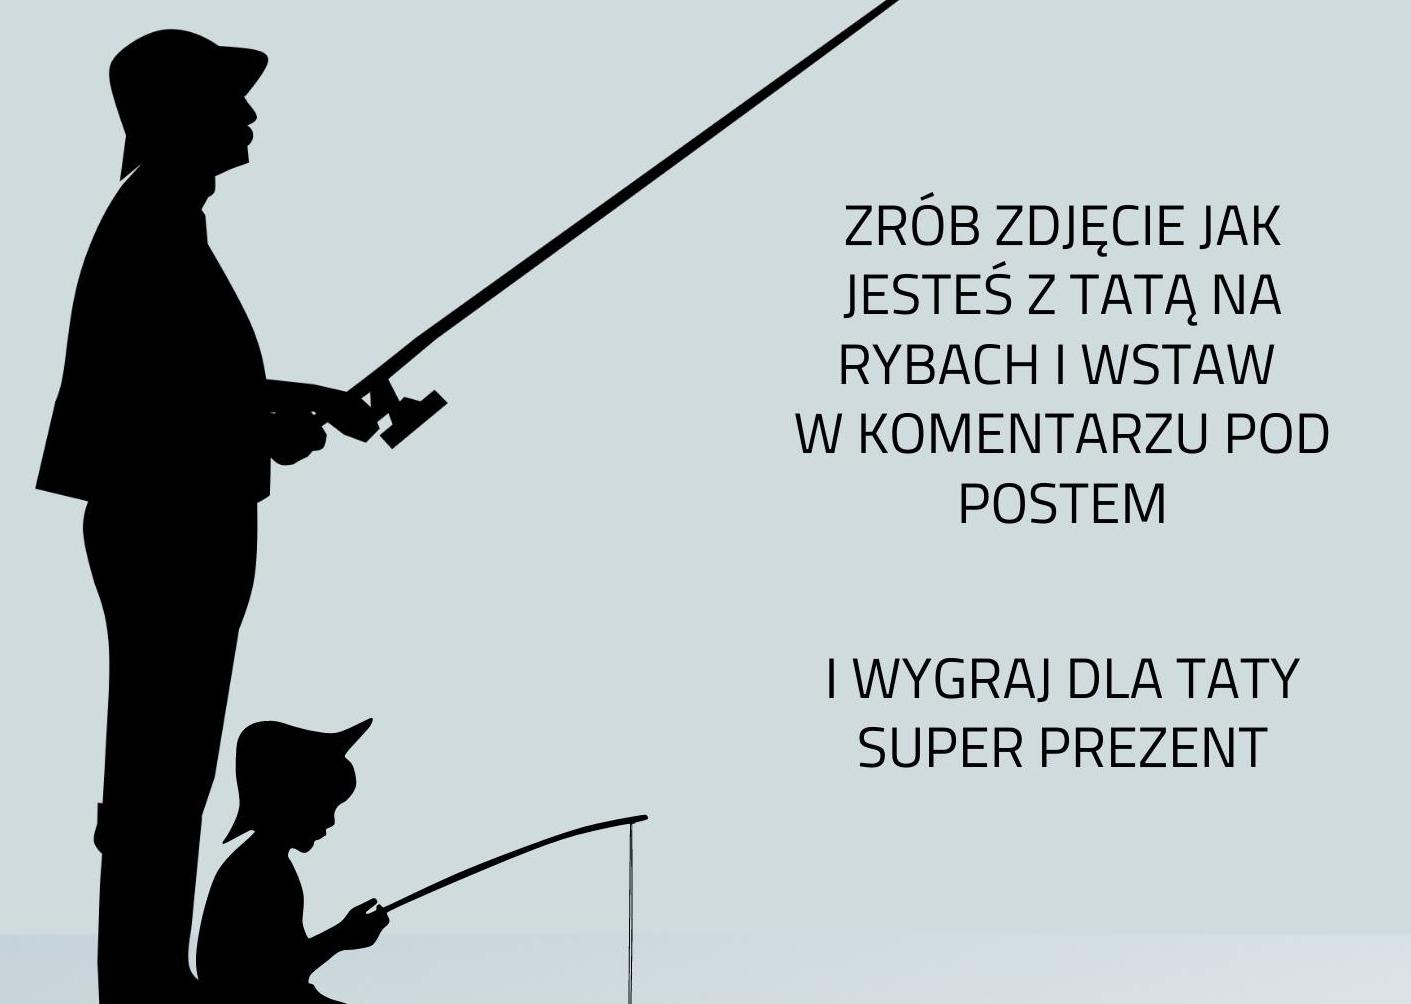 """""""Dzień z tatą na rybach"""". Powiat Kutnowski zaprasza do udziału w konkursie - Zdjęcie główne"""